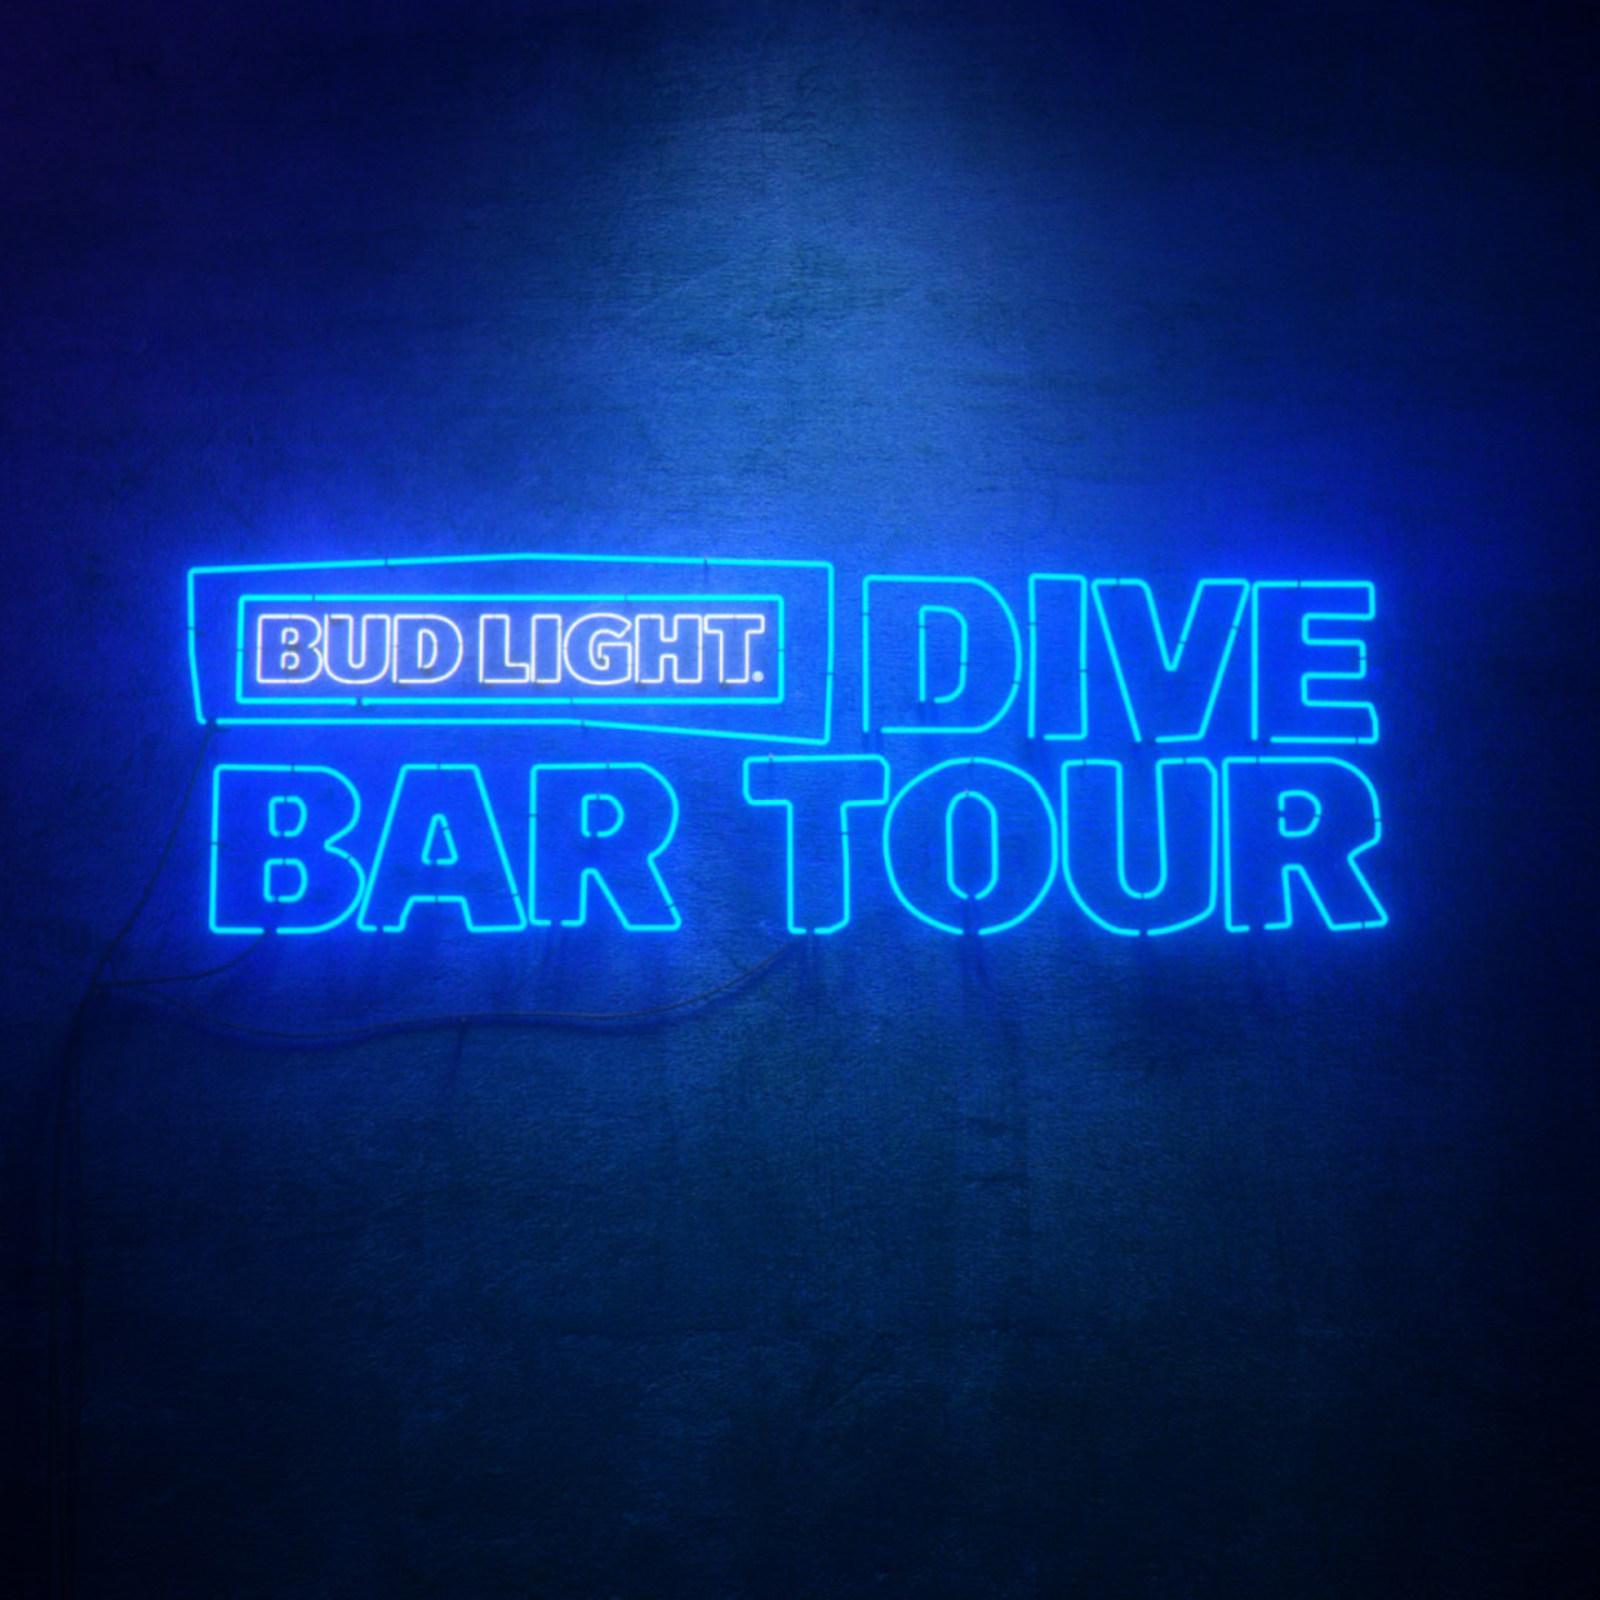 post malone x bud light dive bar tour — J I H Y E